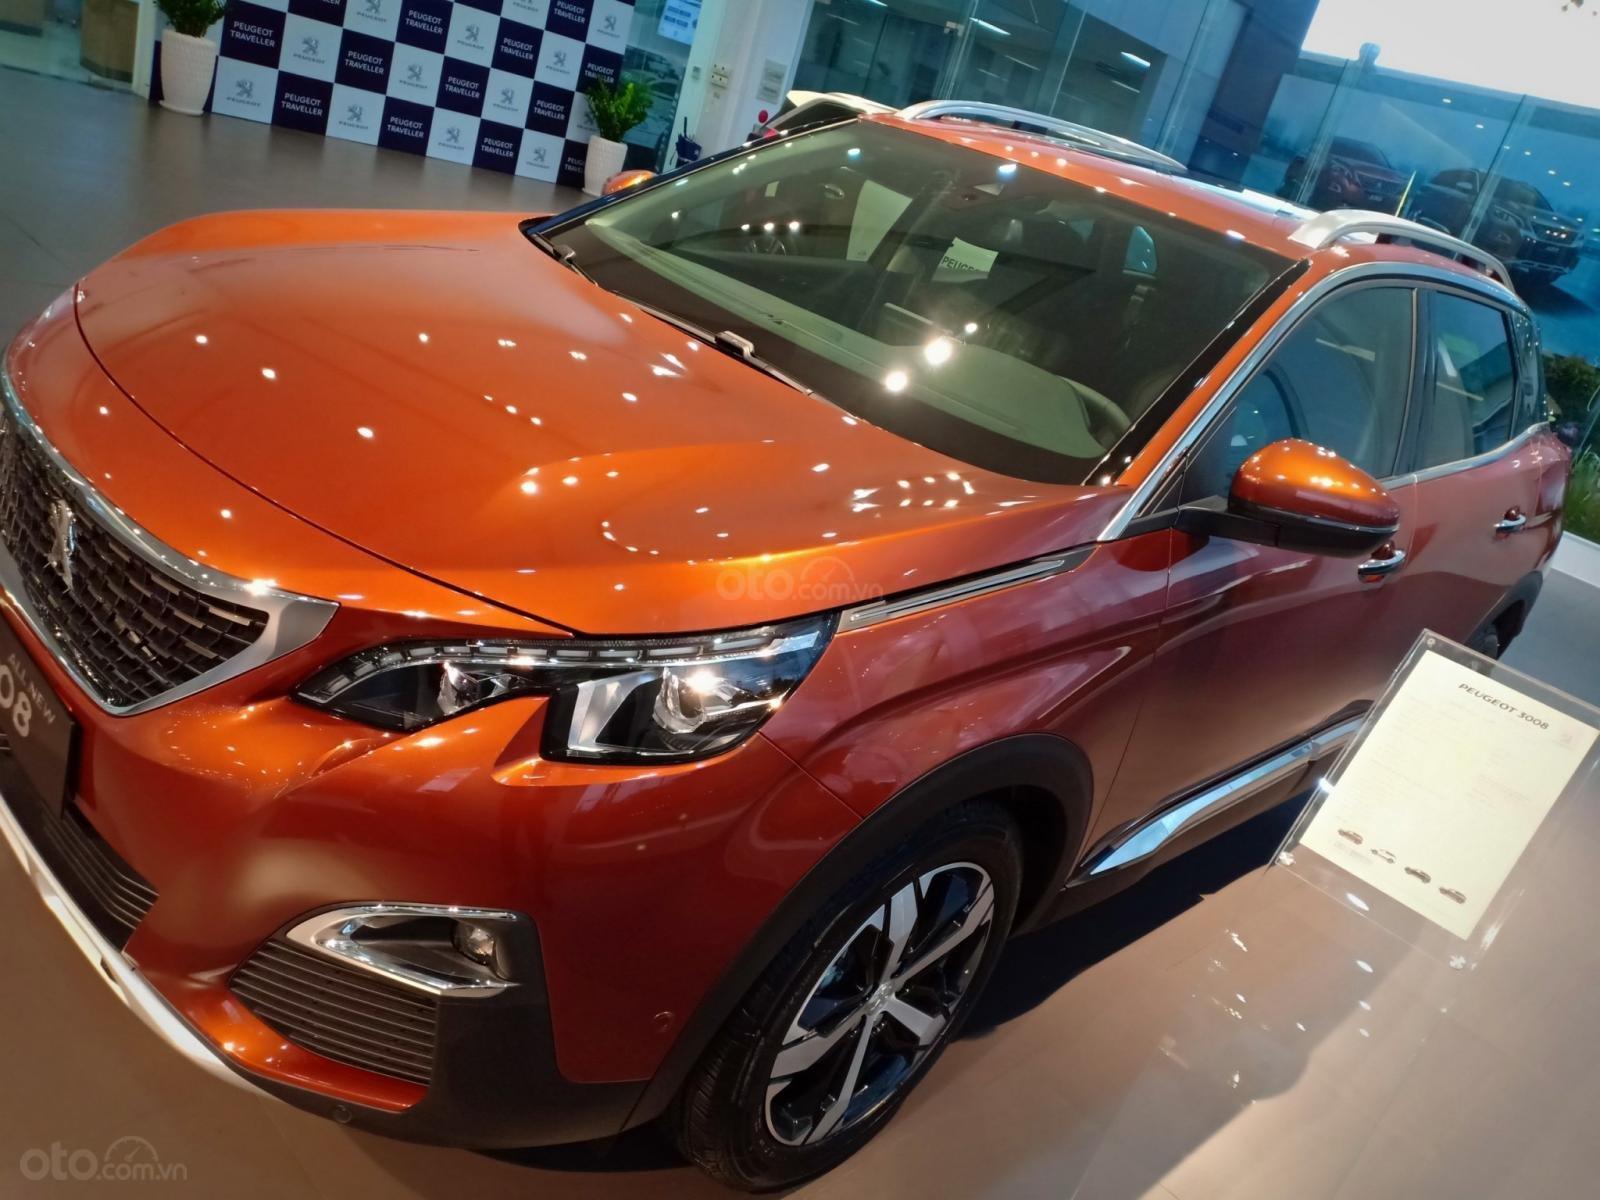 Peugeot Biên Hòa bán xe Peugeot 3008 All New 2019 đủ màu, giao nhanh - giá tốt nhất - 0938 630 866 - 0933 805 806 (1)